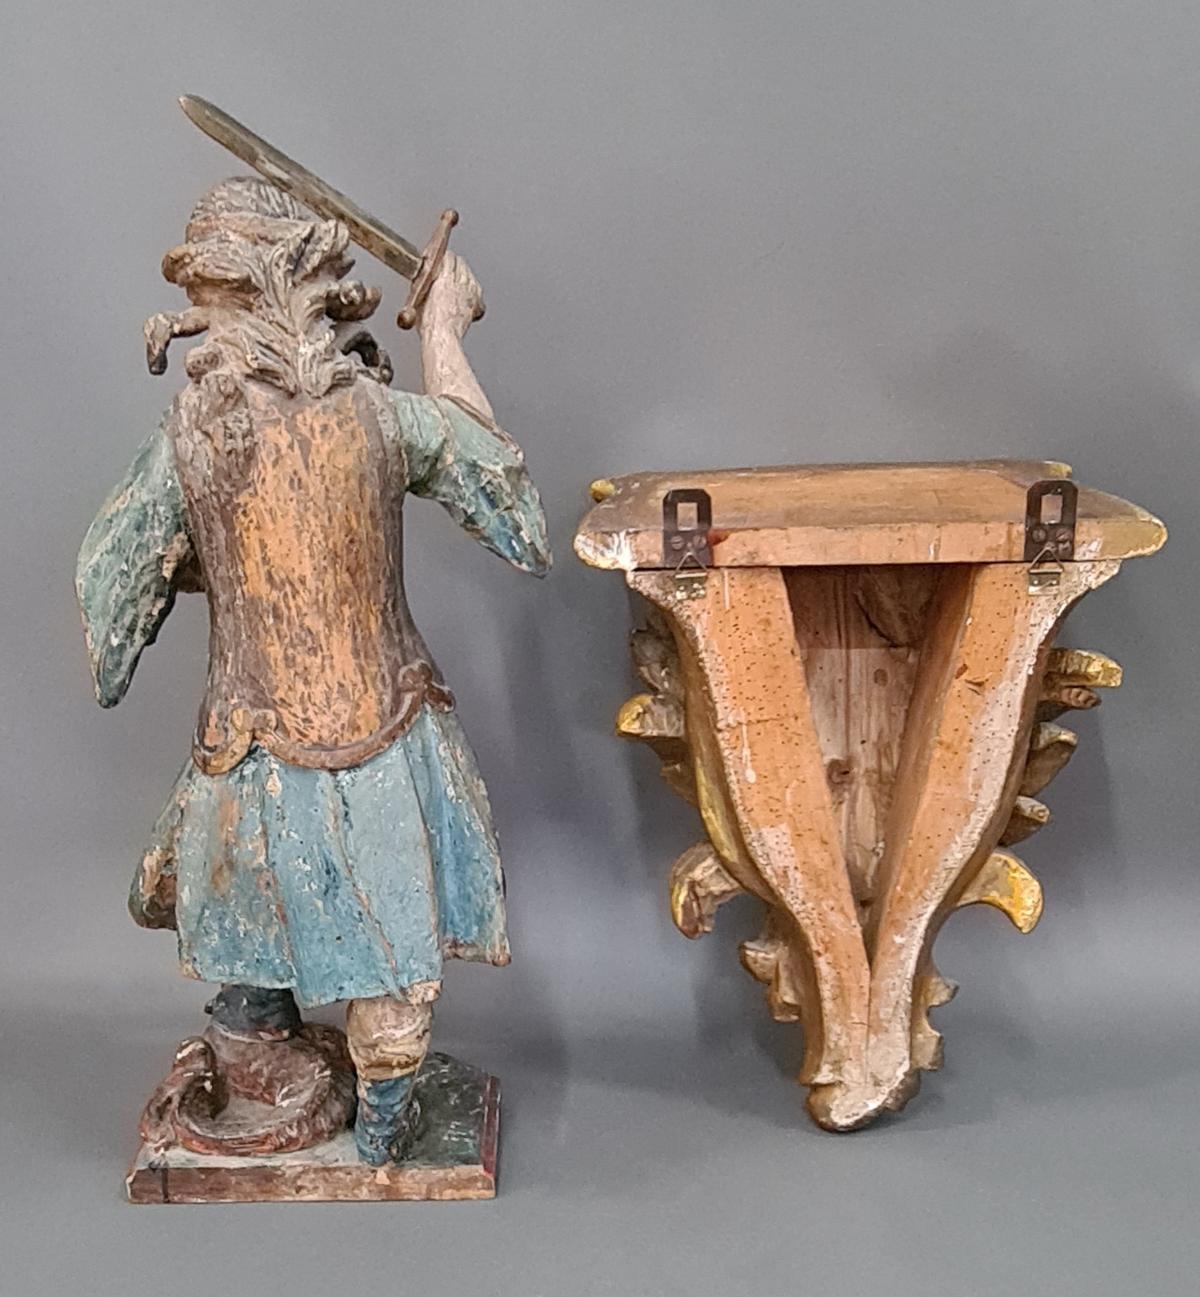 Holzskulptur Erzengel Michael mit Sockel, Süddeutsch um 1800,-4